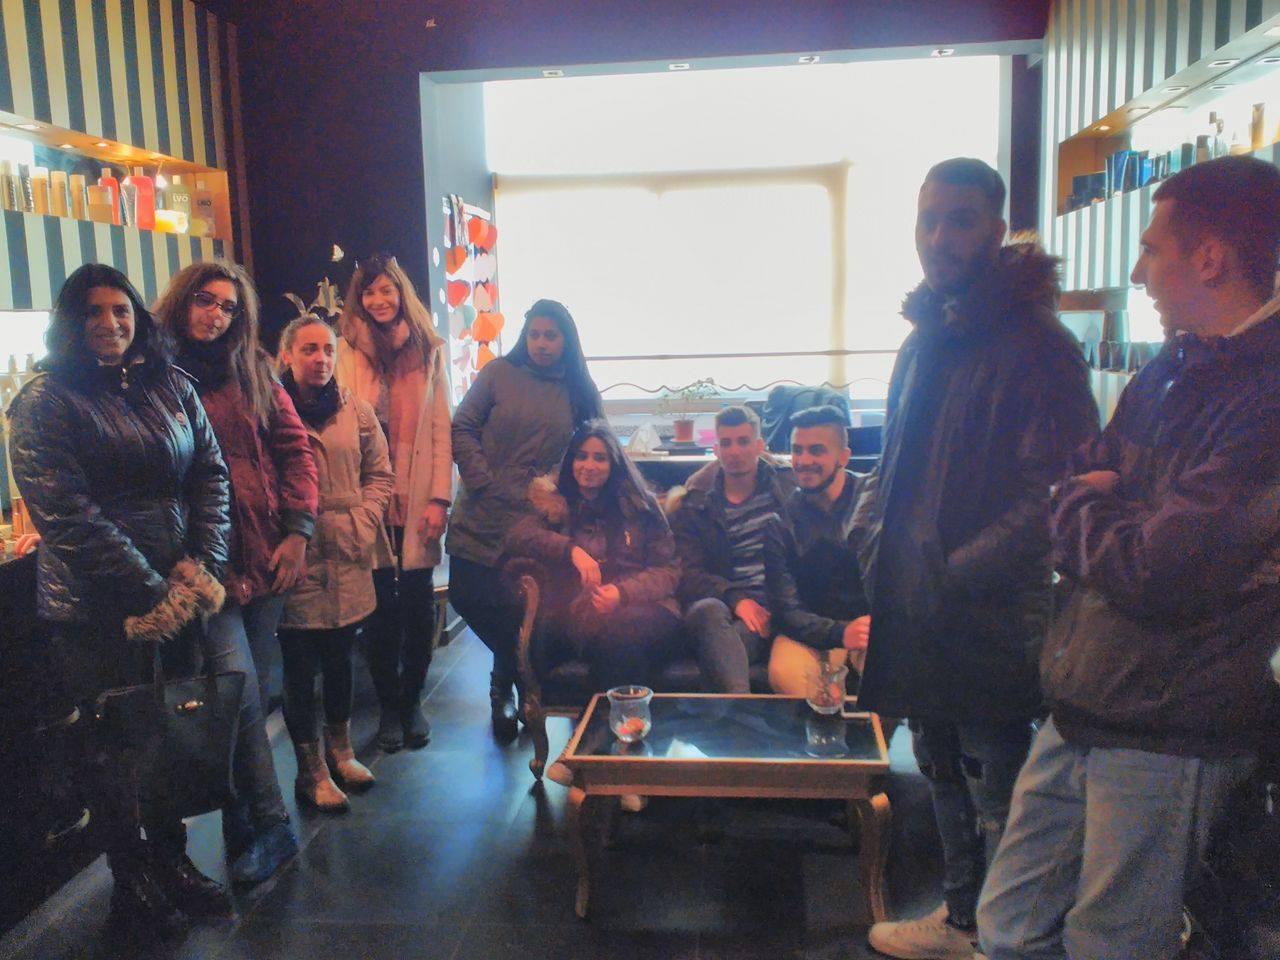 Eκπαιδευτική επίσκεψη των μαθητών της Α' τάξης Κομμωτικής Τέχνης ΟΑΕΔ ΕΠΑ.Σ Κοζάνης (Φωτογραφίες)